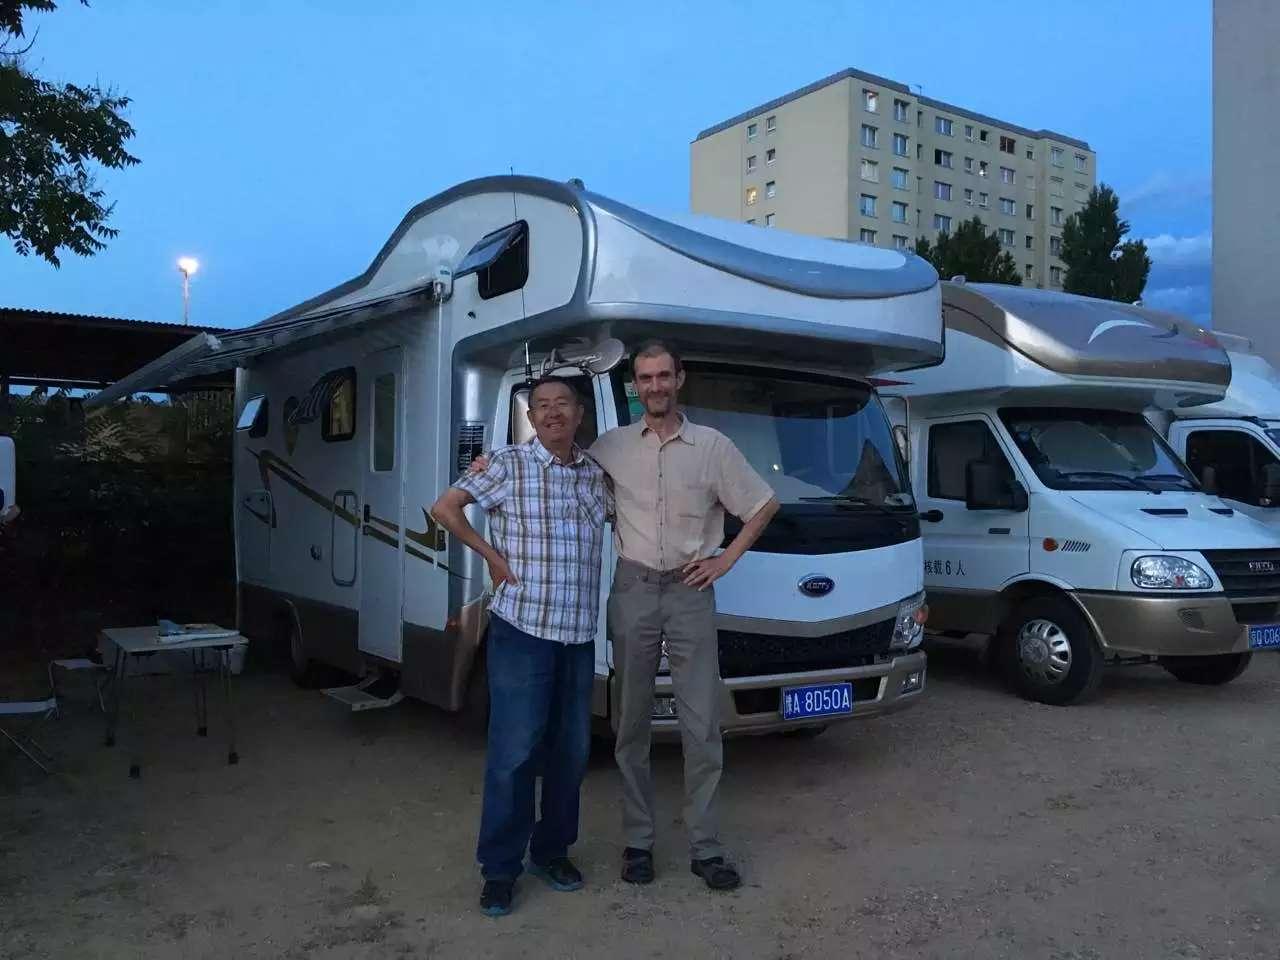 5个月28国自驾房车漫游亚欧大陆 我的轨迹你也能复制